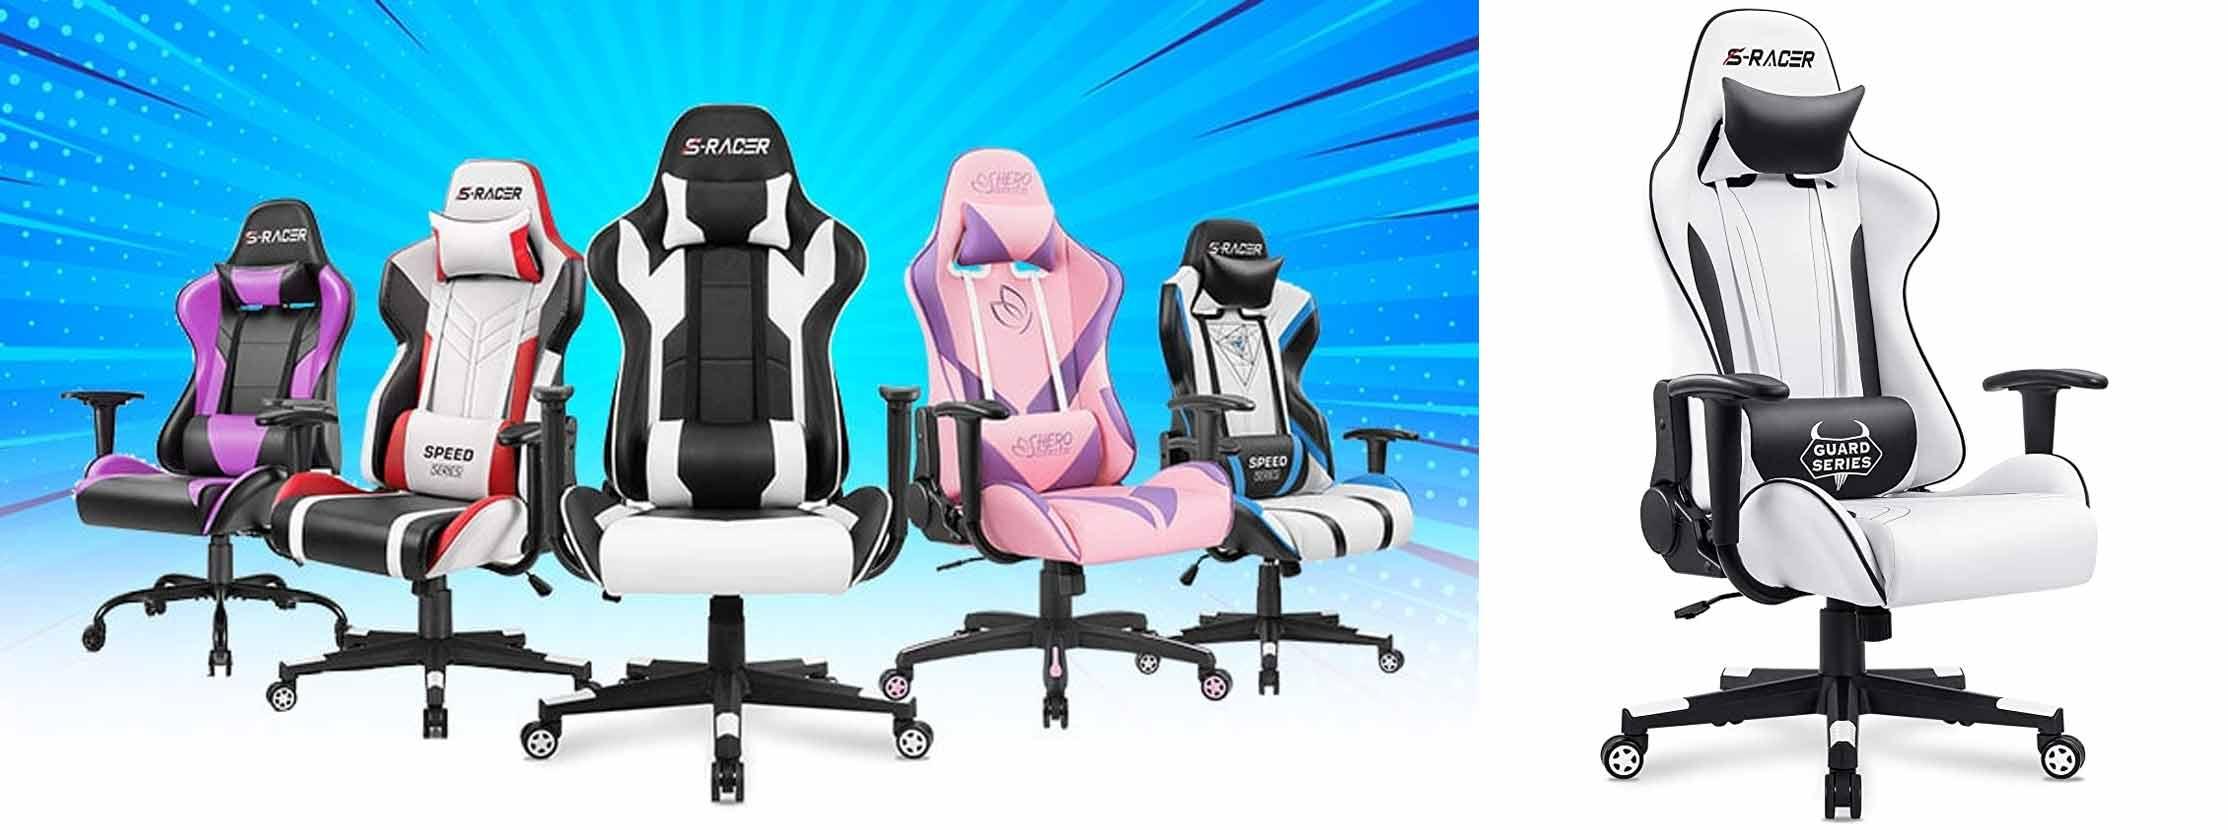 gaming chairs  - gaming chair - صندلی های بازی - تاریخچه-و-کاربرد-صندلی-های-گیمینگ-صندلی-گیمینگ-صندلی-بازی-homall